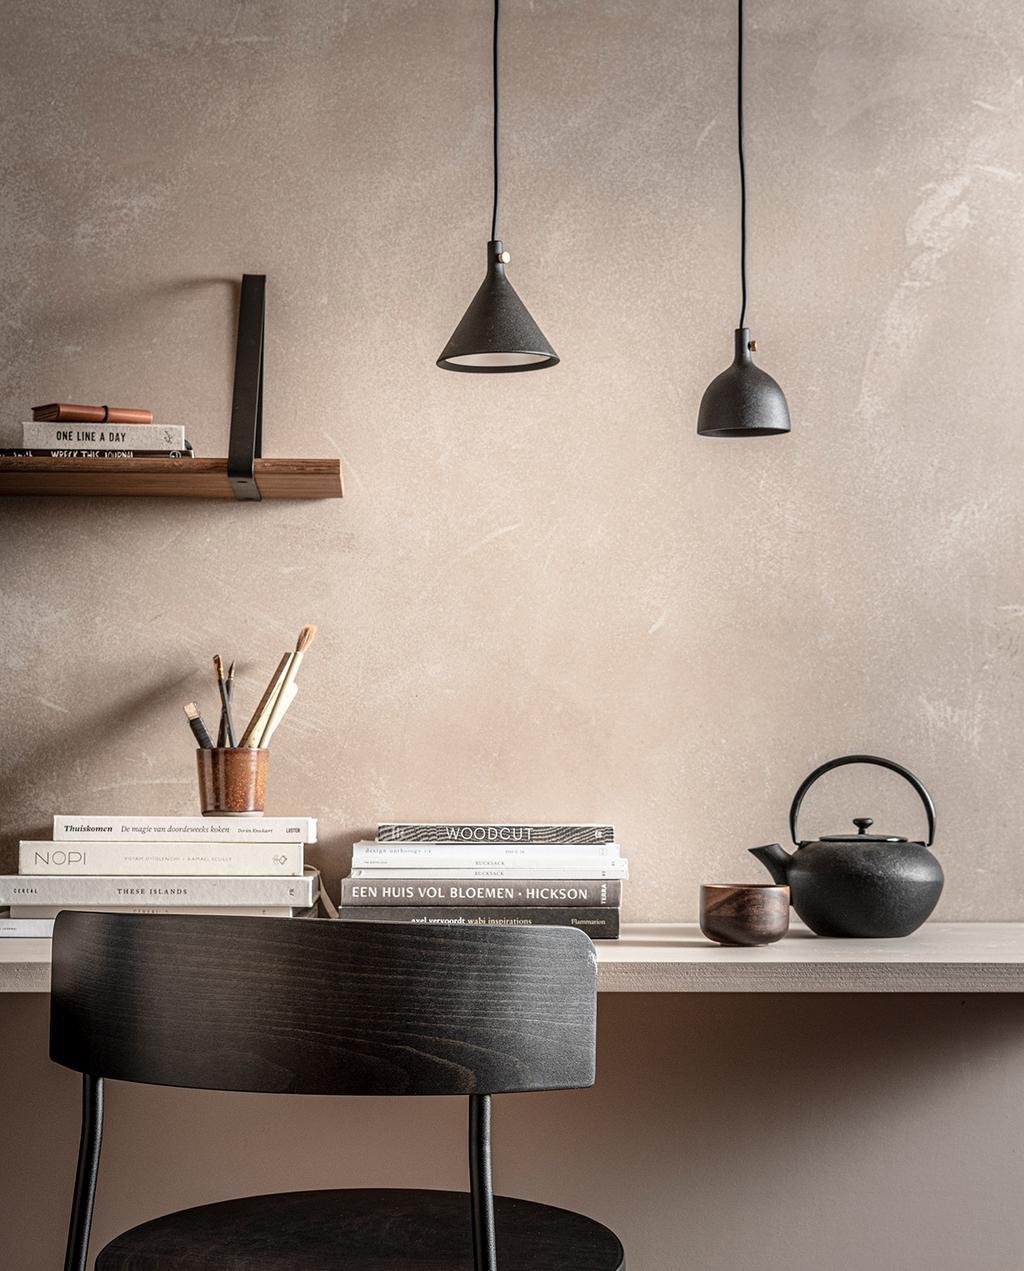 vtwonen 02-2021 | DIY bureau met zwarte stoel, theepot en lampen